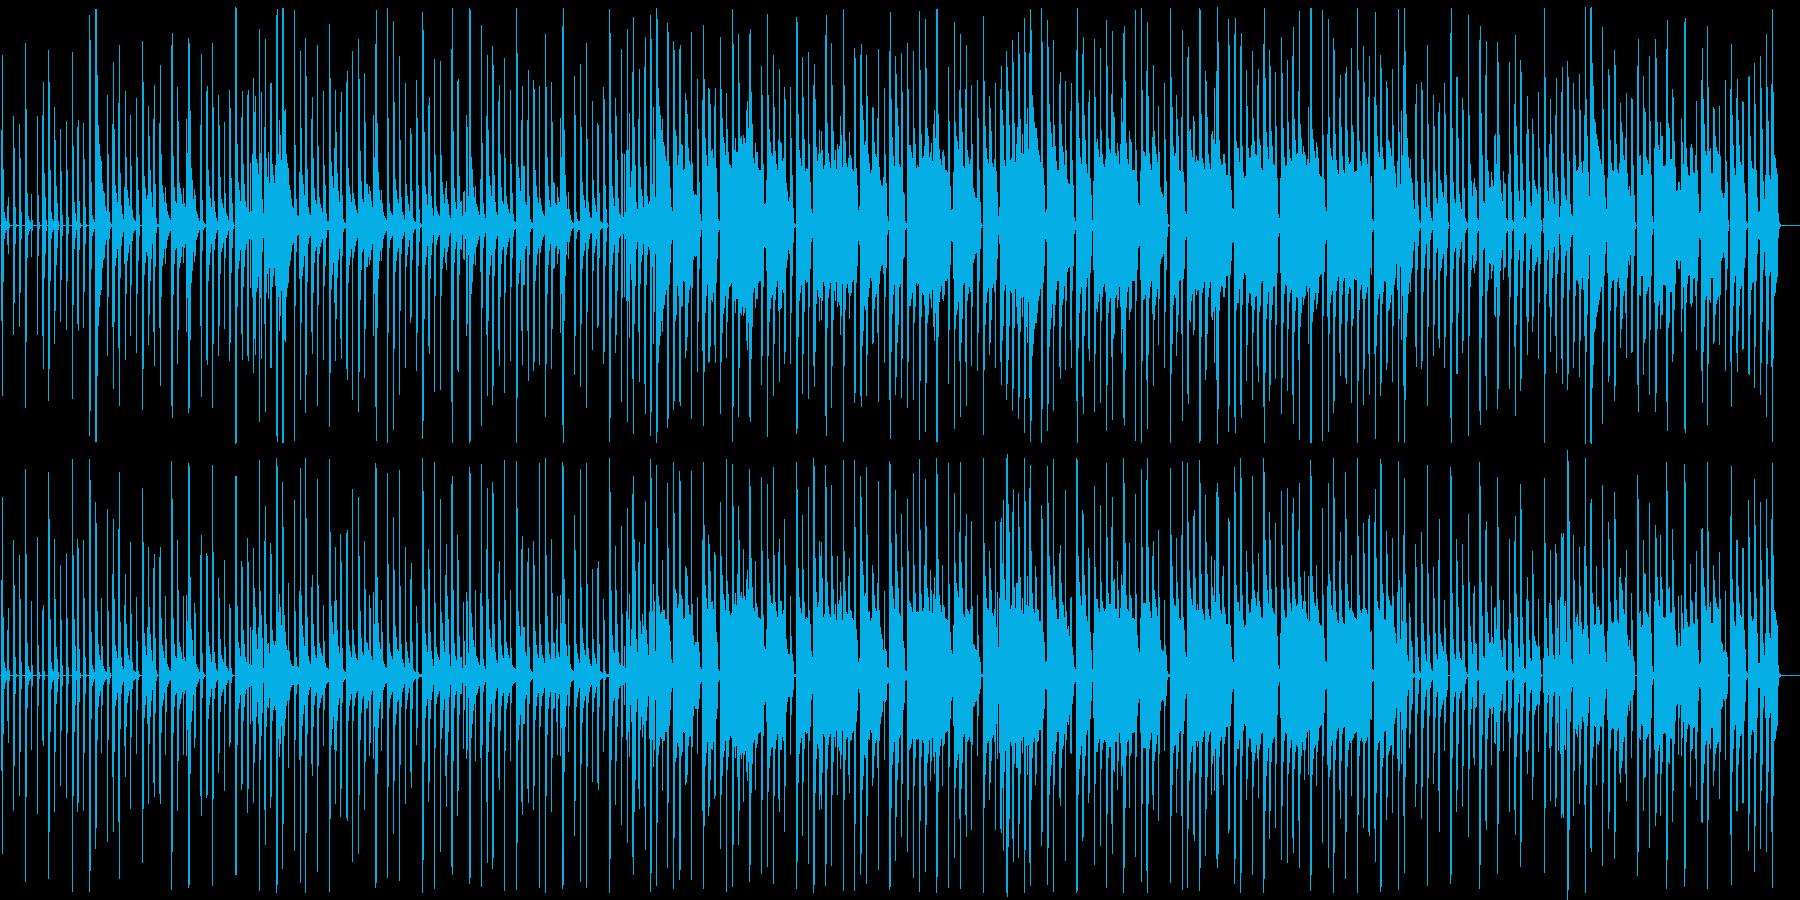 【キッズ動画向け】可愛くて楽しいポップスの再生済みの波形